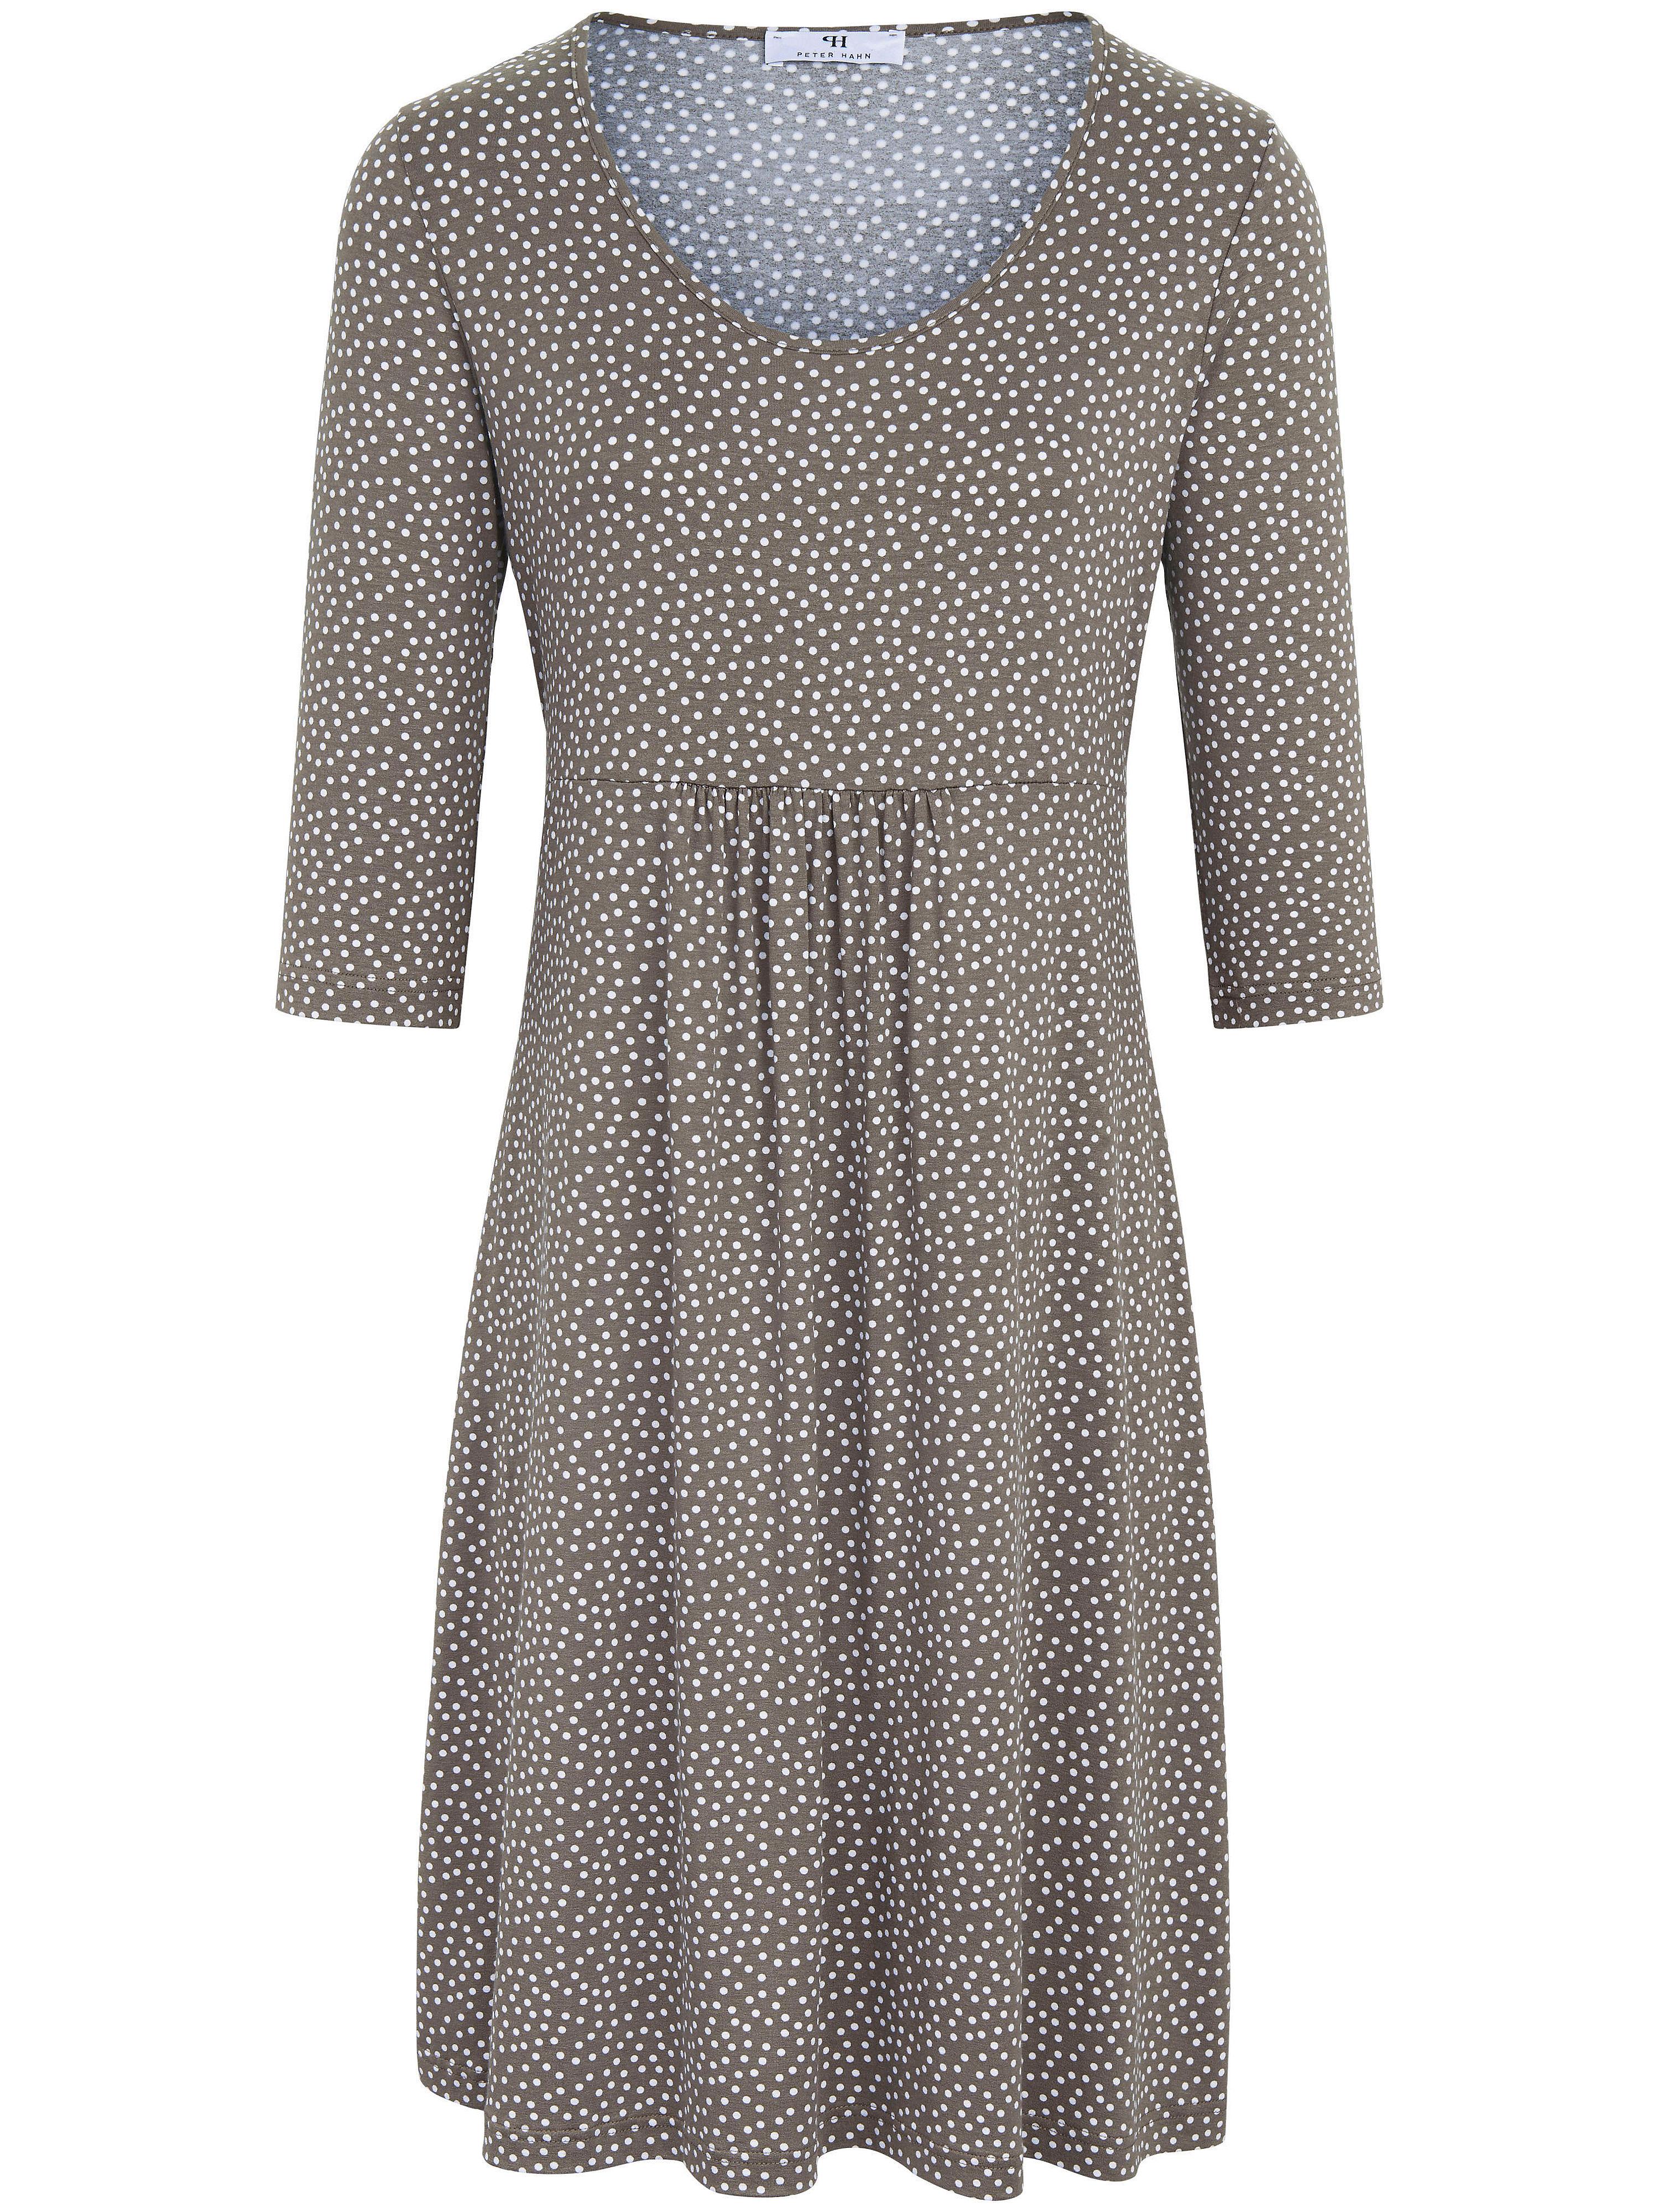 Peter Hahn jurk met 3/4-mouwen beige